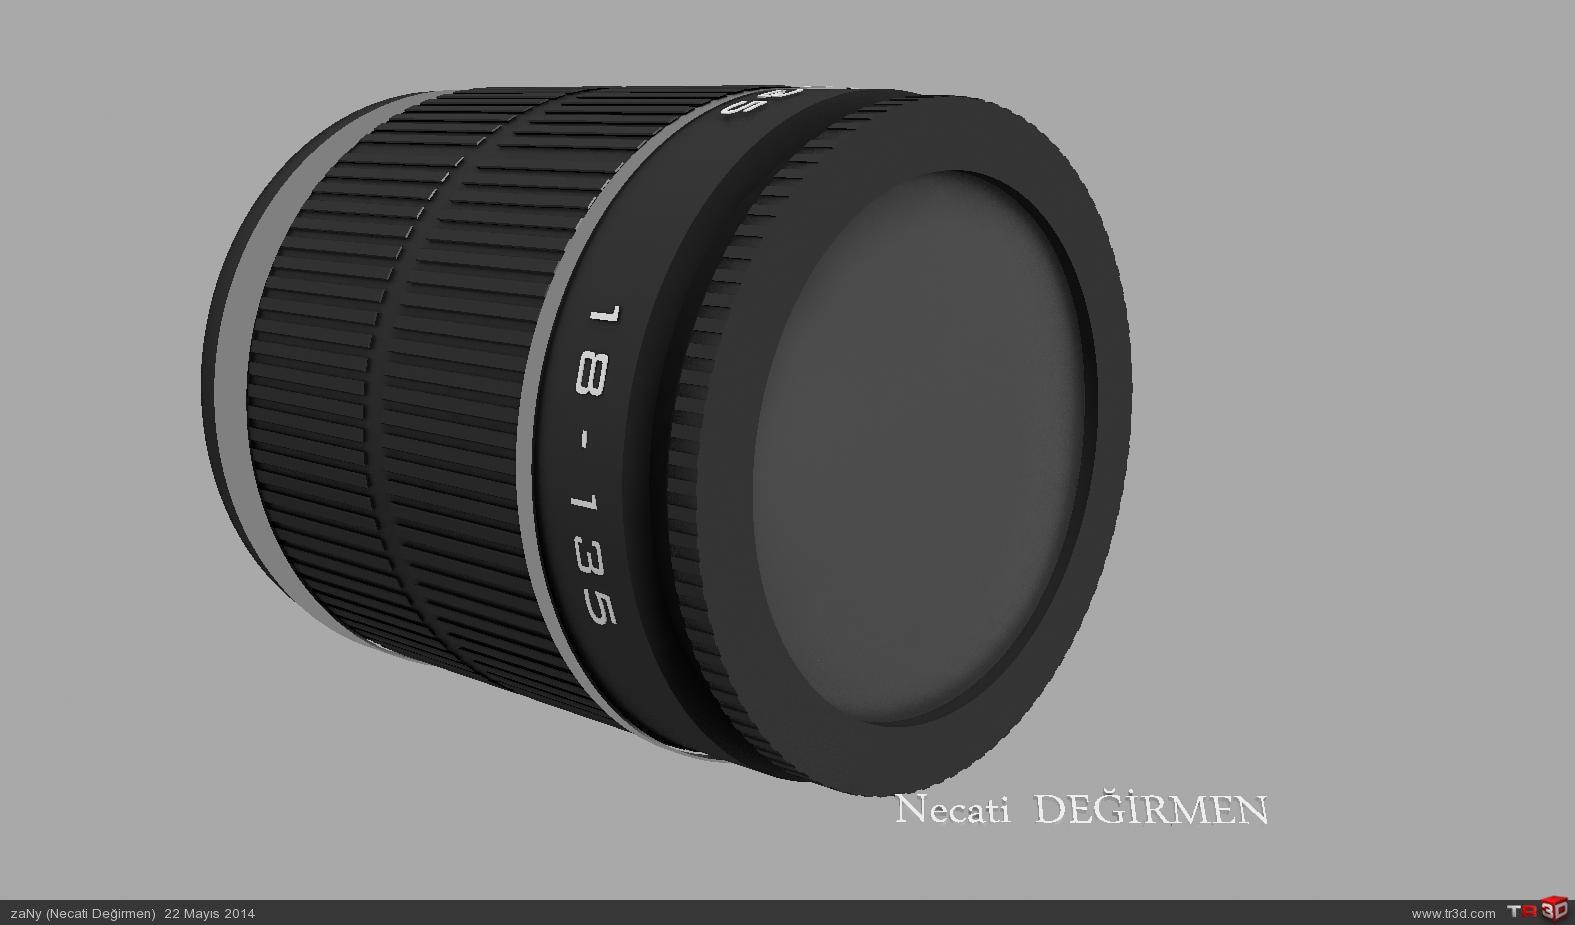 canon 18-135 lens 3